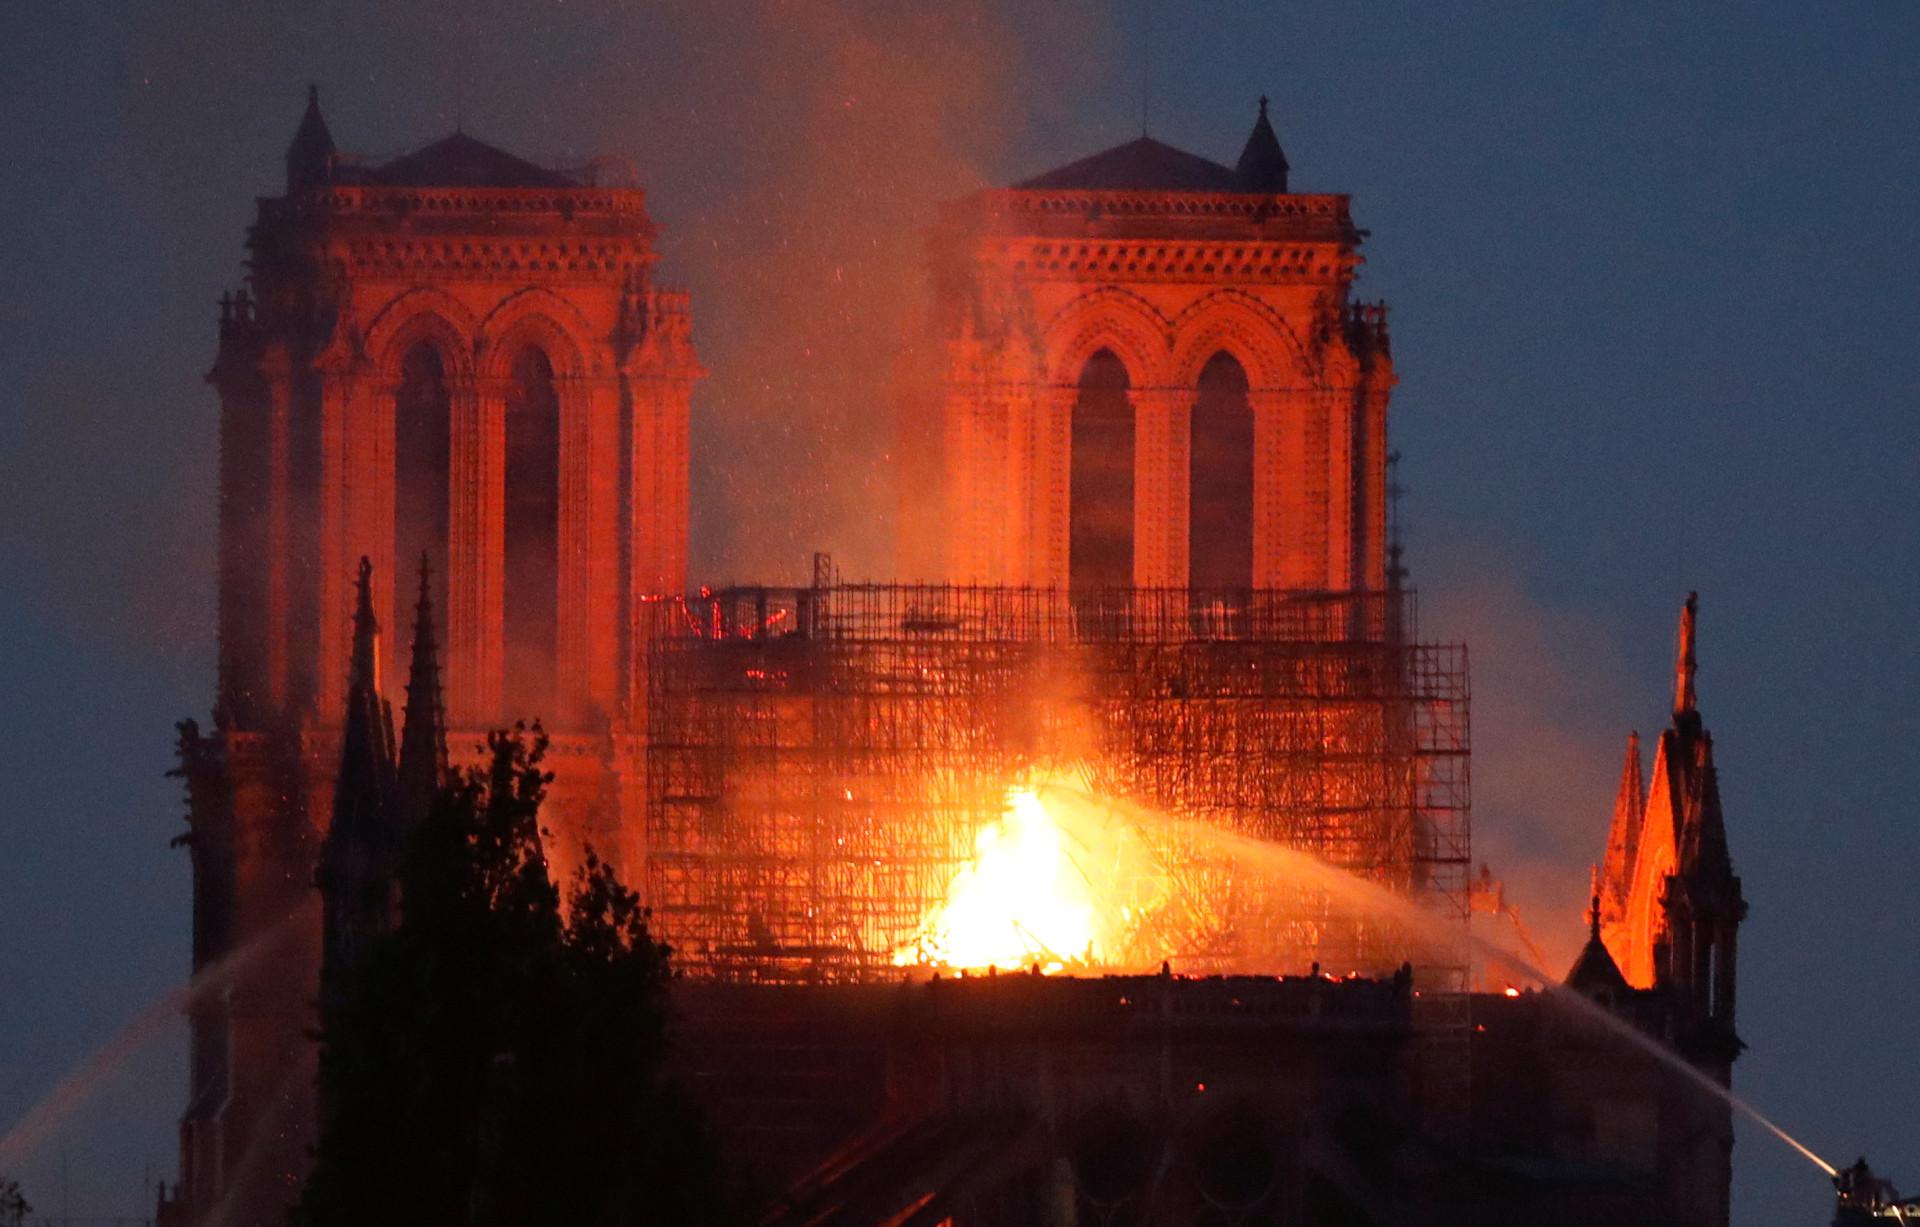 Nooit de Notre-Dame gezien? Dit is je kans